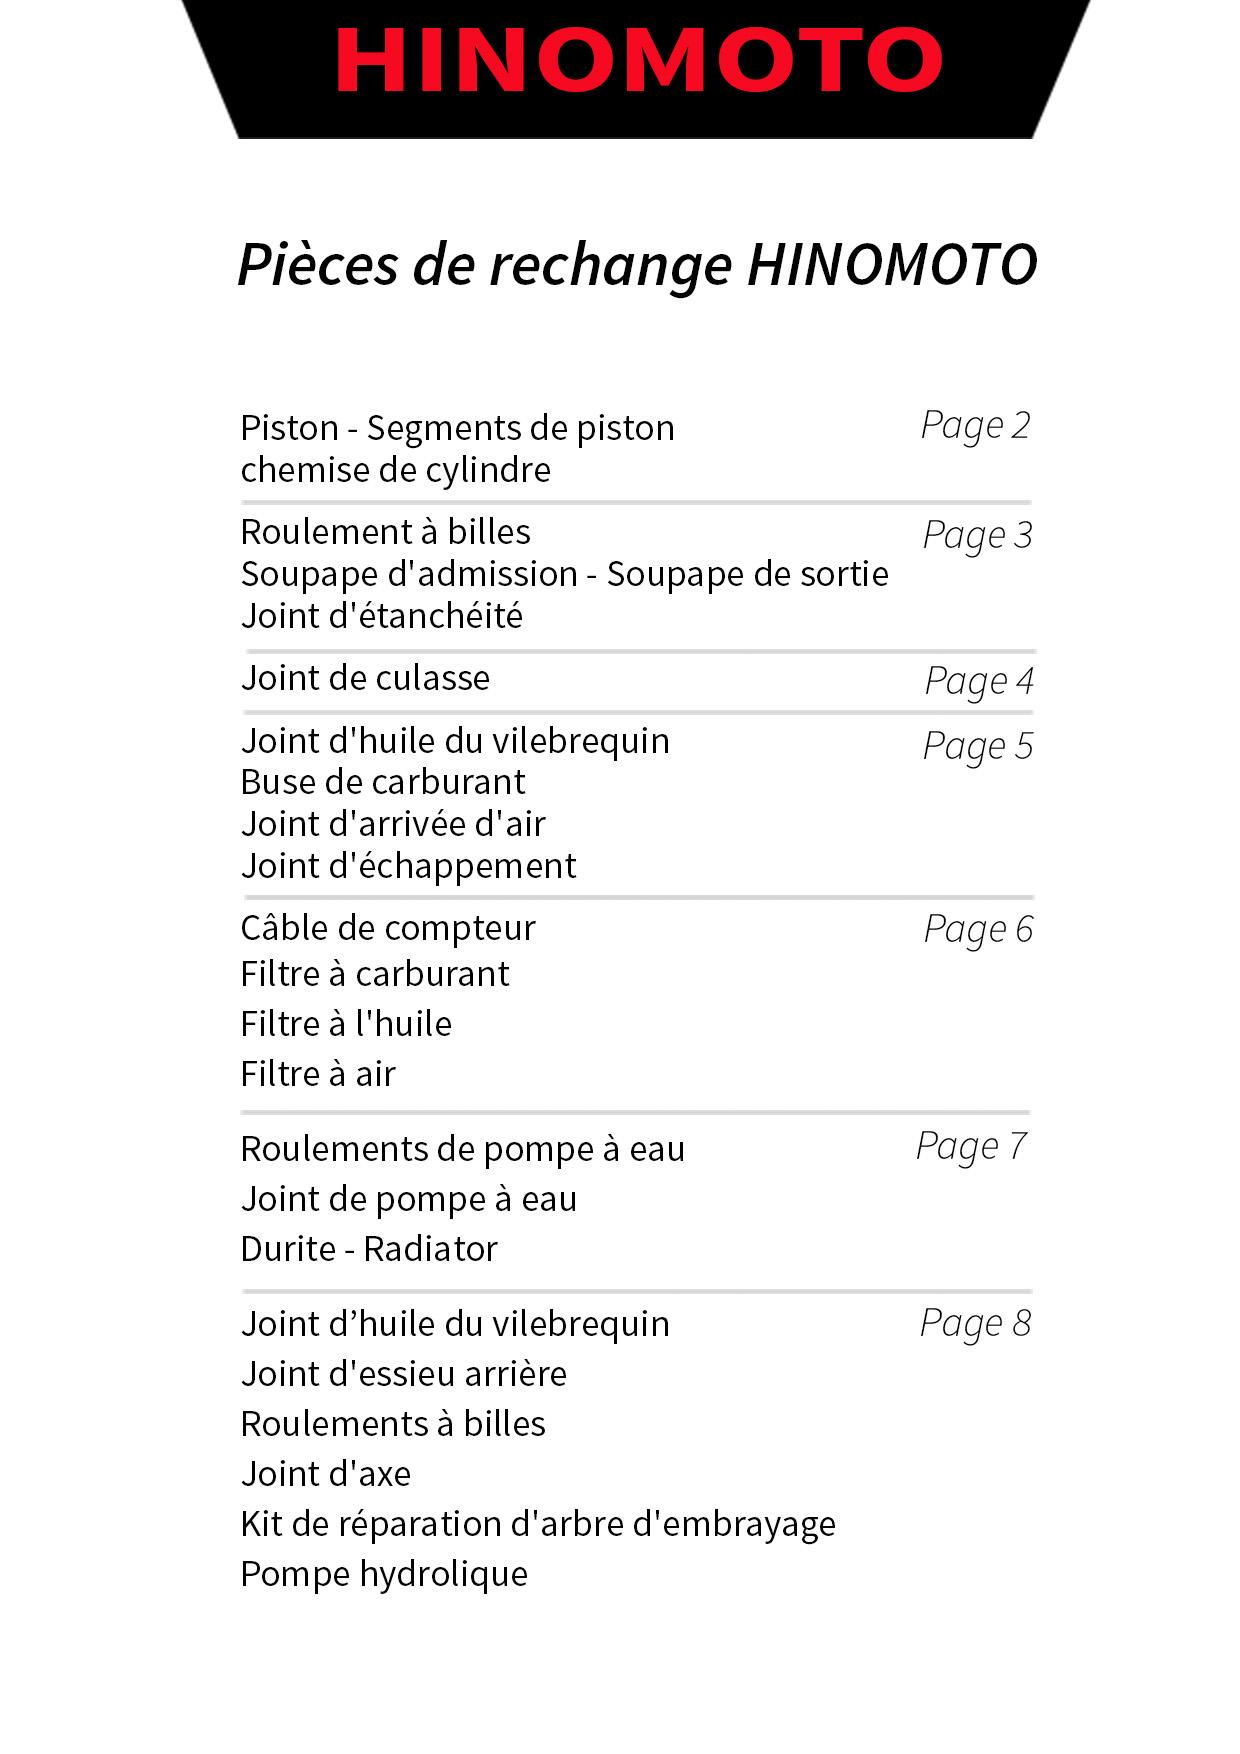 pieces Hinomoto